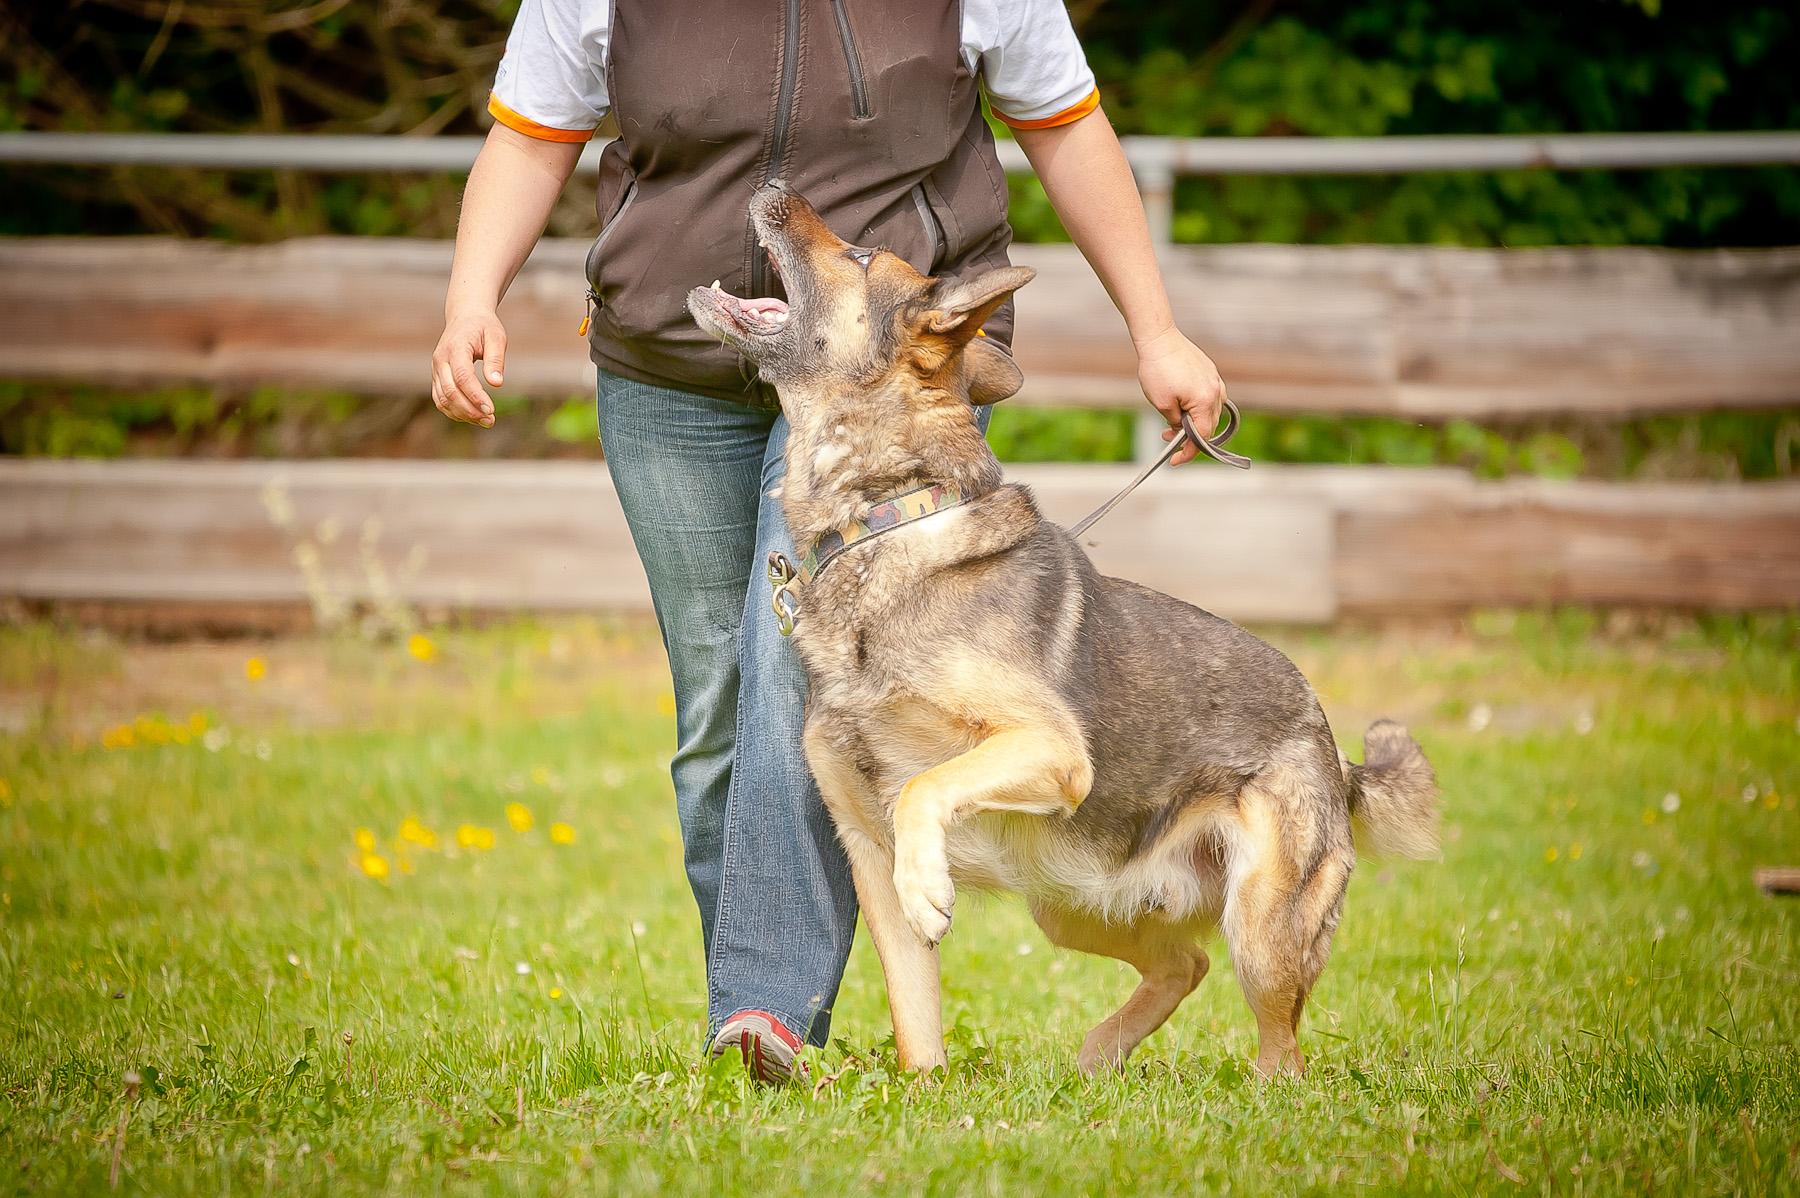 Die Tierarztpraxis Grath bietet auch eine Hundeschule an, bei der Sie an einem Grundkurs teilnehmen können